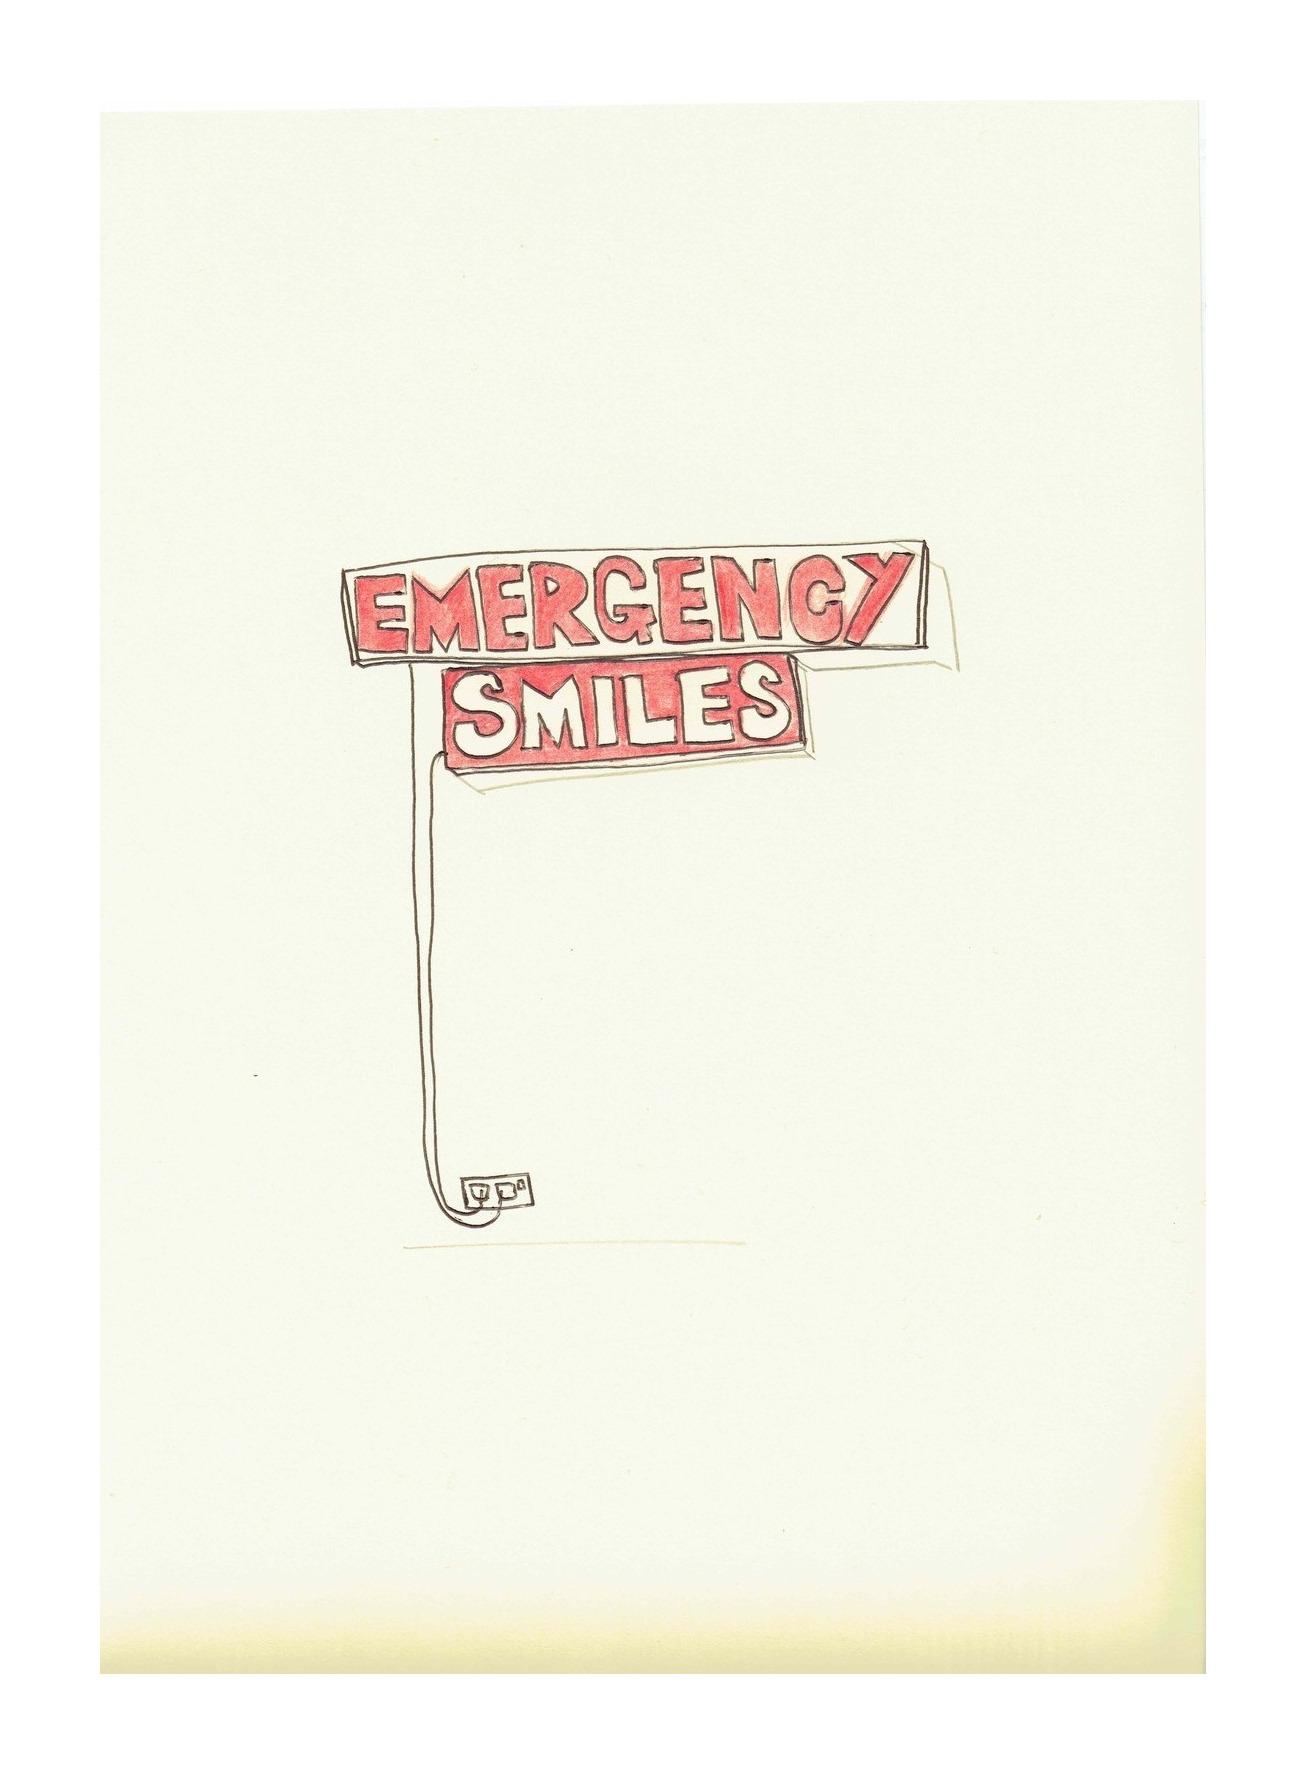 Emergency Smiles (Prototype)